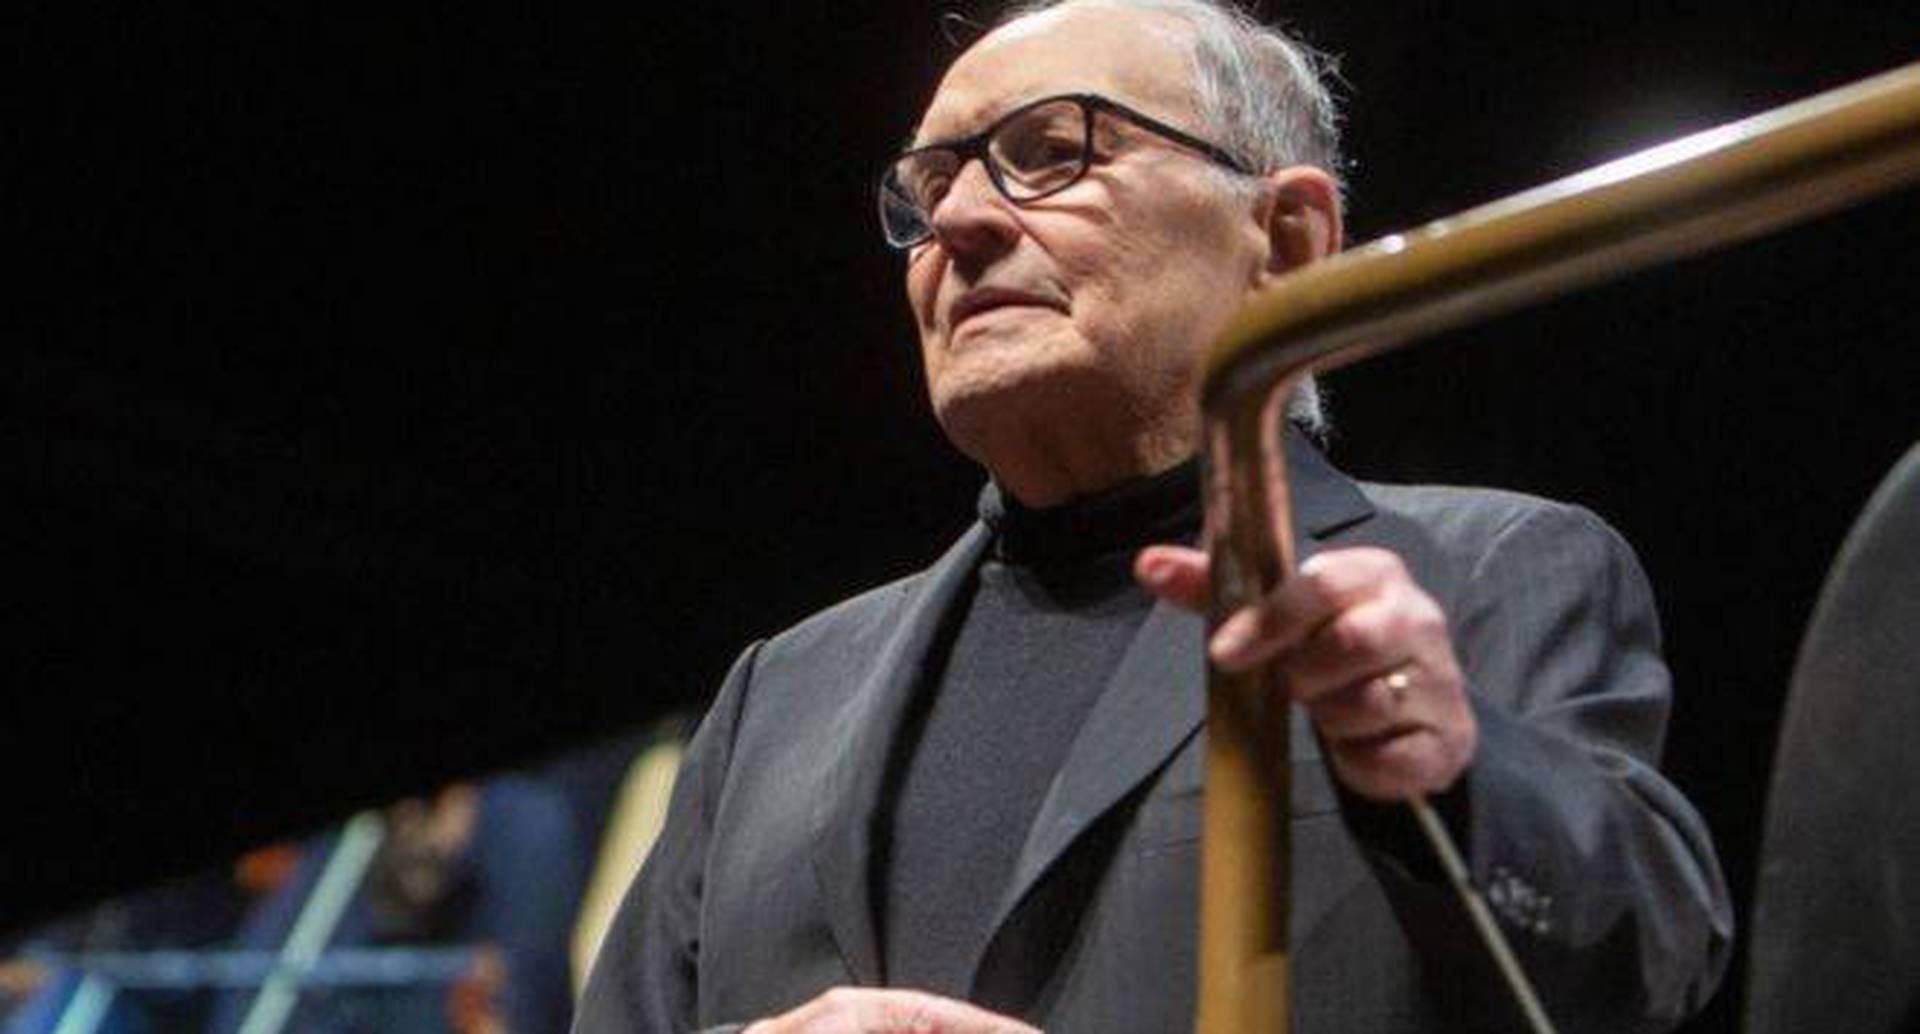 Ennio Morricone murió a los 91 años de edad.